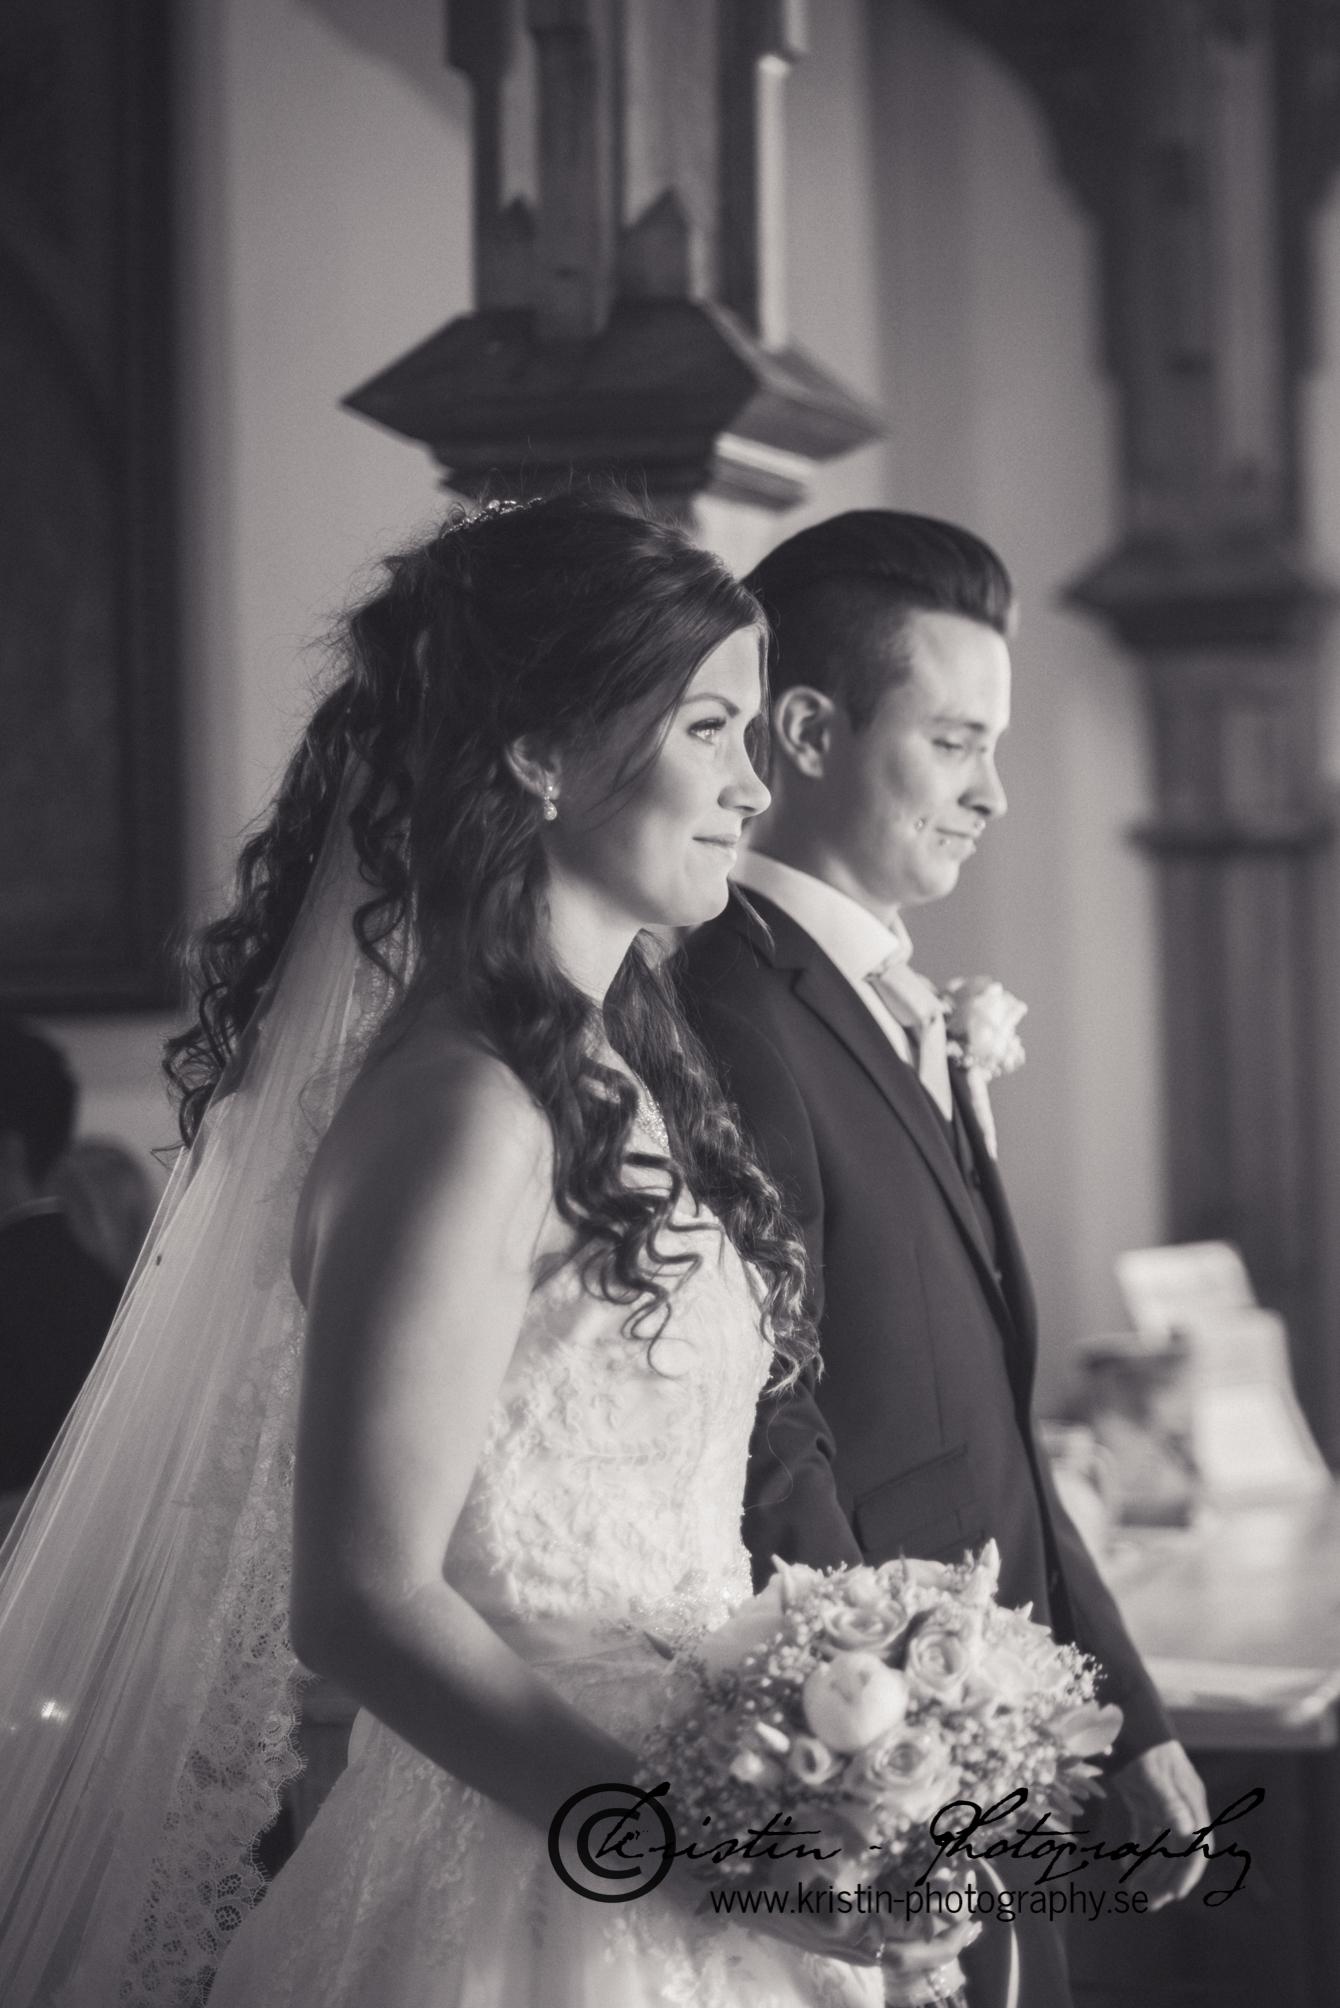 Bröllopsfotograf i Eskilstuna, Kristin - Photography, weddingphotographer -189.jpg